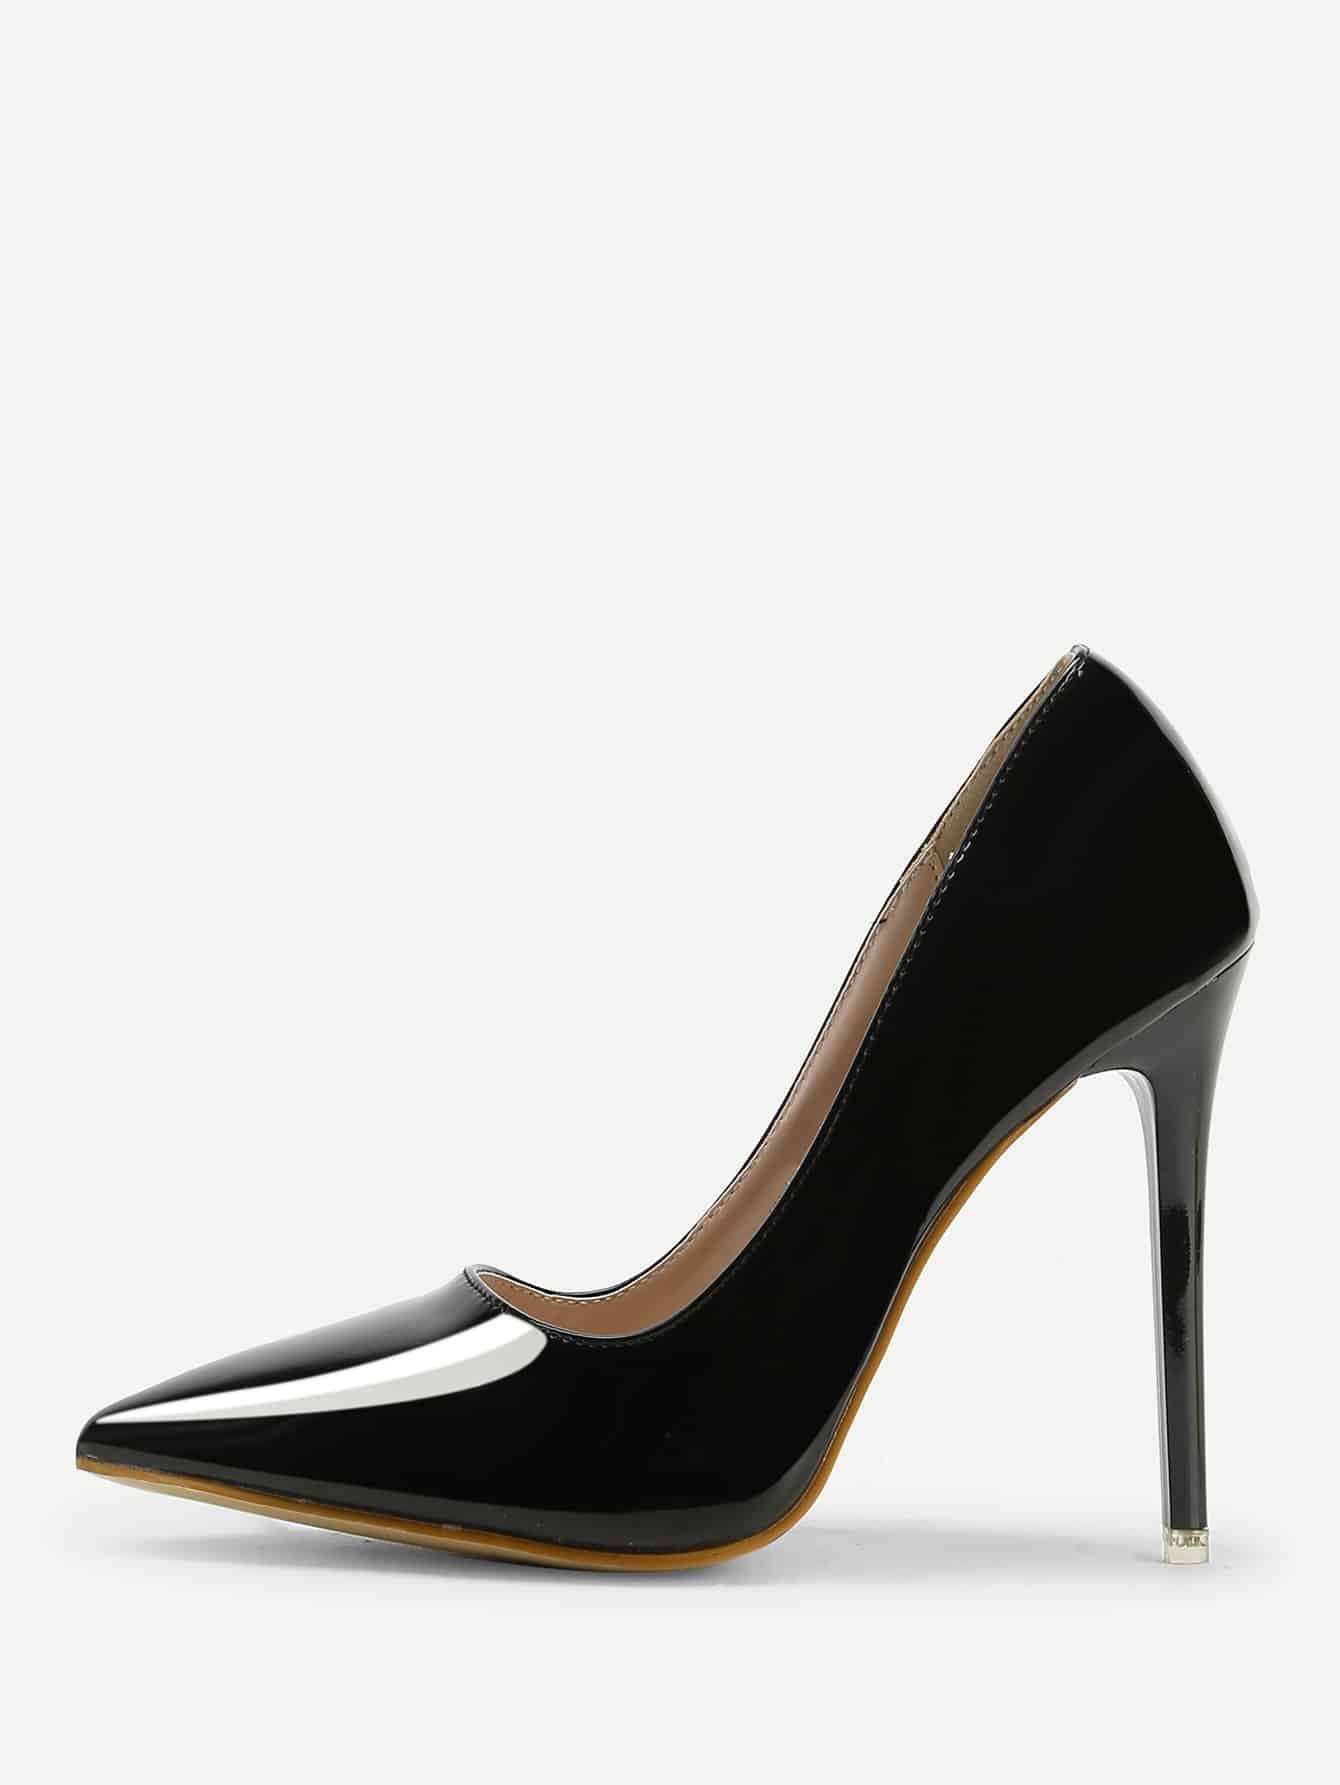 Купить Острый носок флатформа Чёрный Каблуки, null, SheIn